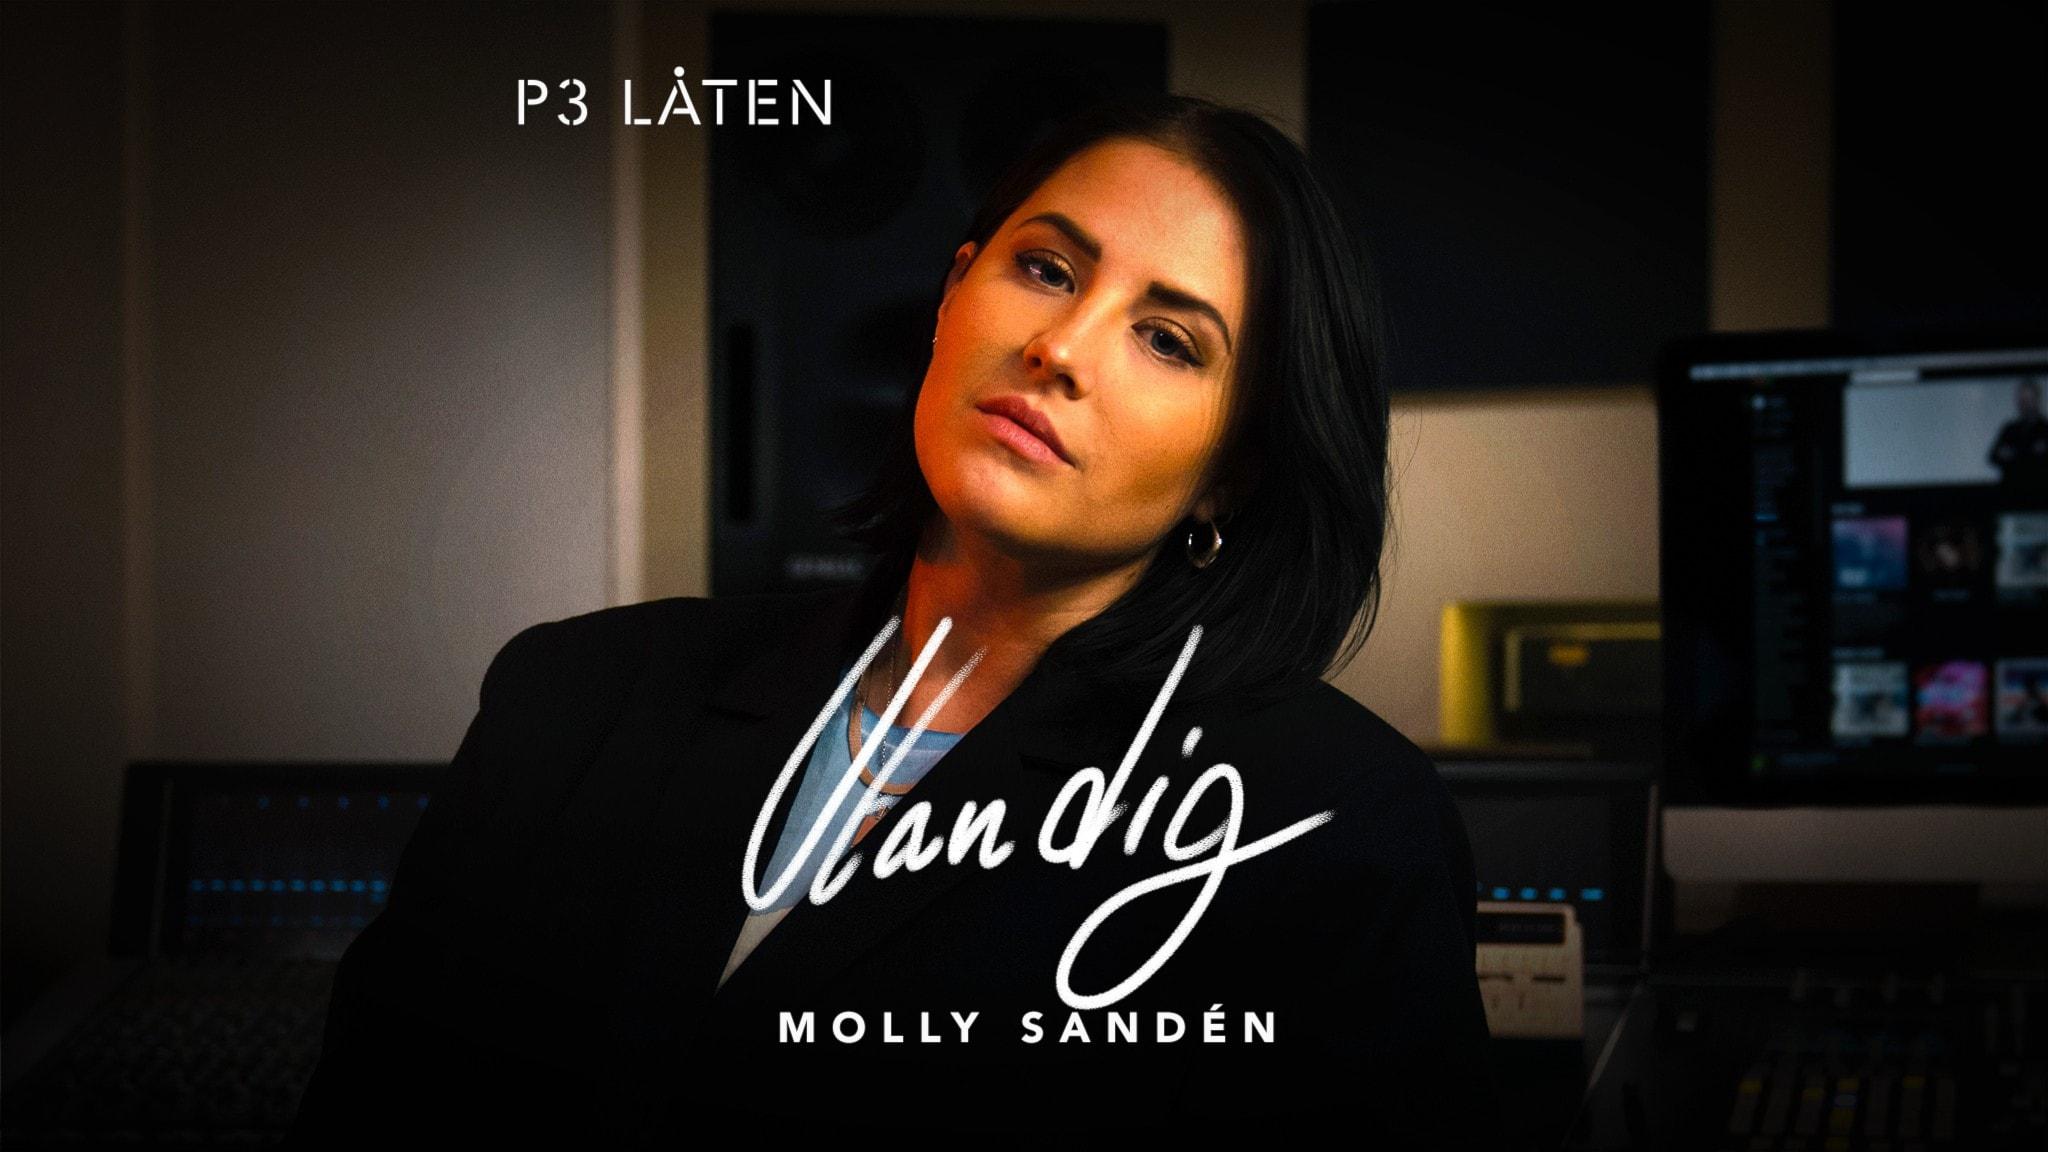 Molly Sandén sitter i sin musikstudio